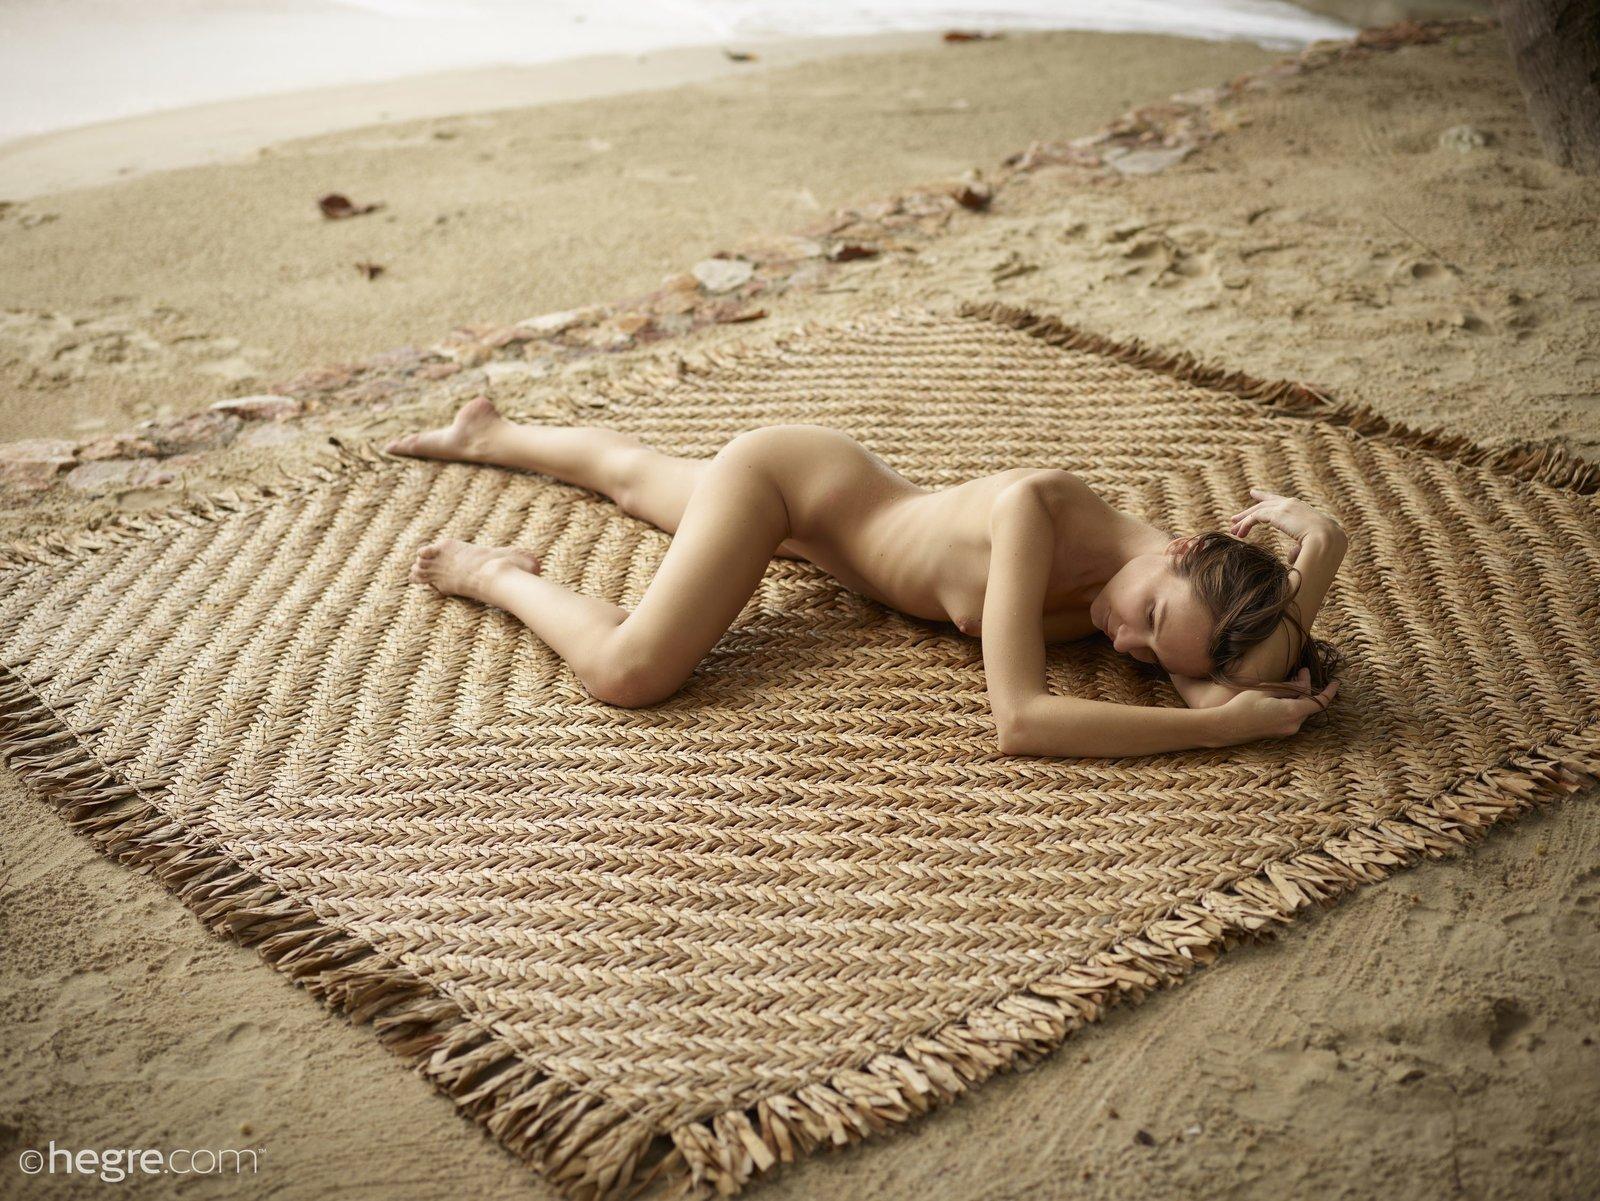 Голая тощая баба позирует на песке